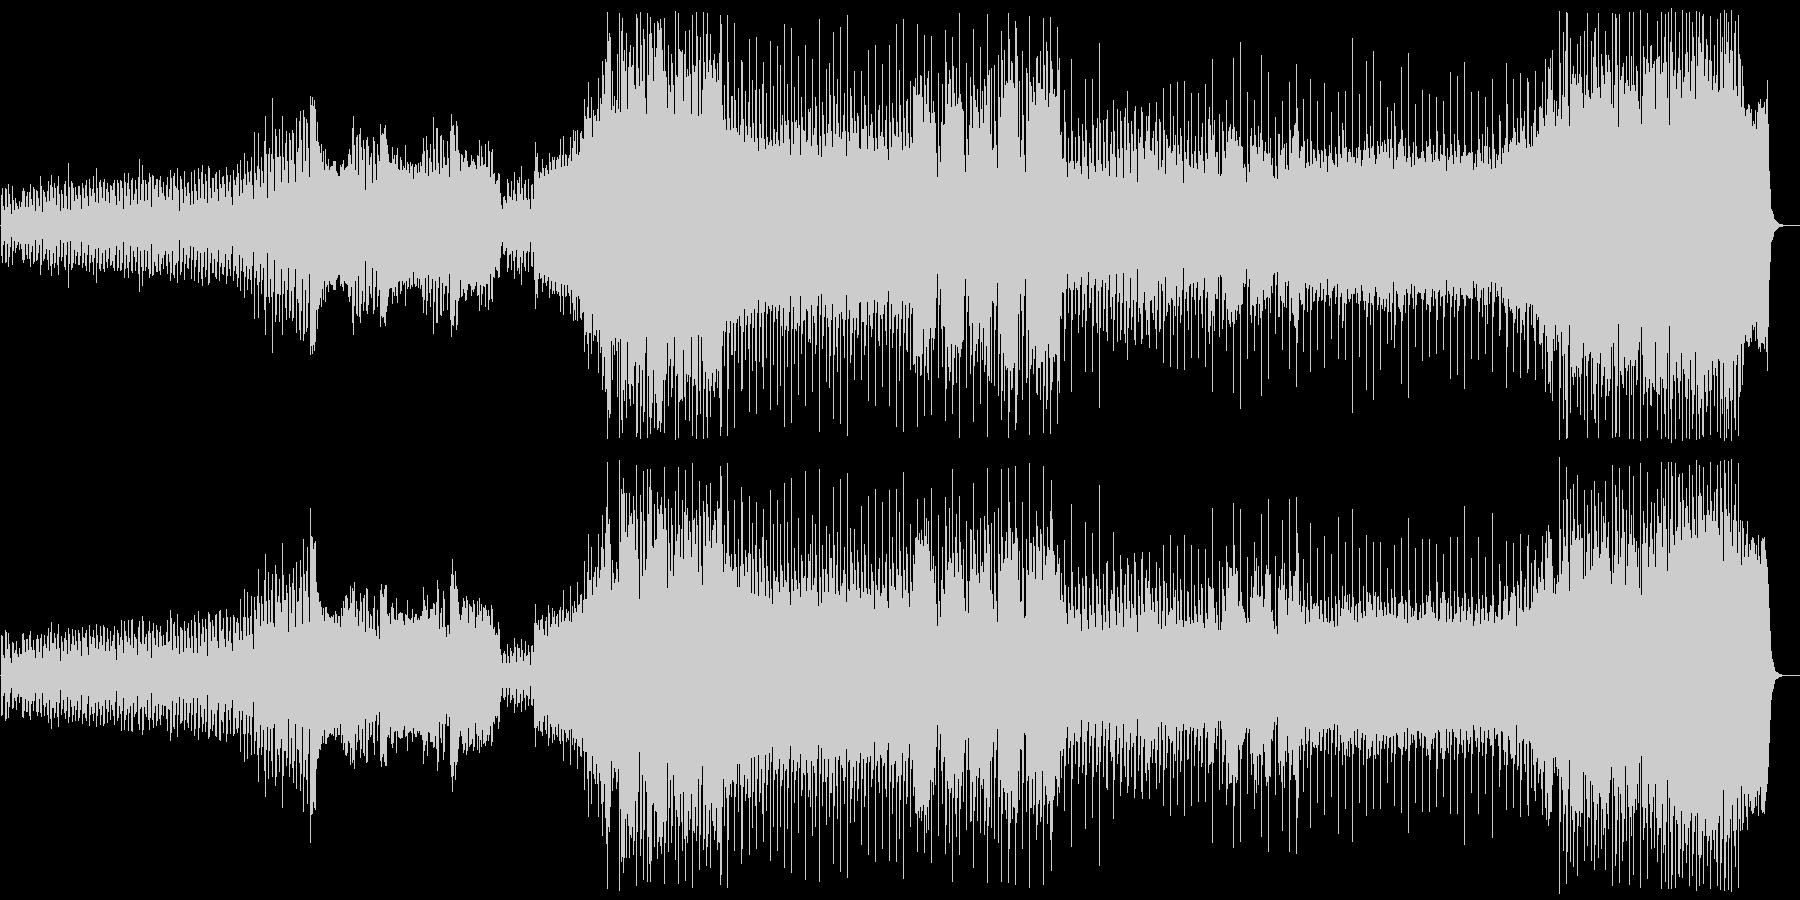 『冬』 第1楽章+リズムアレンジの未再生の波形